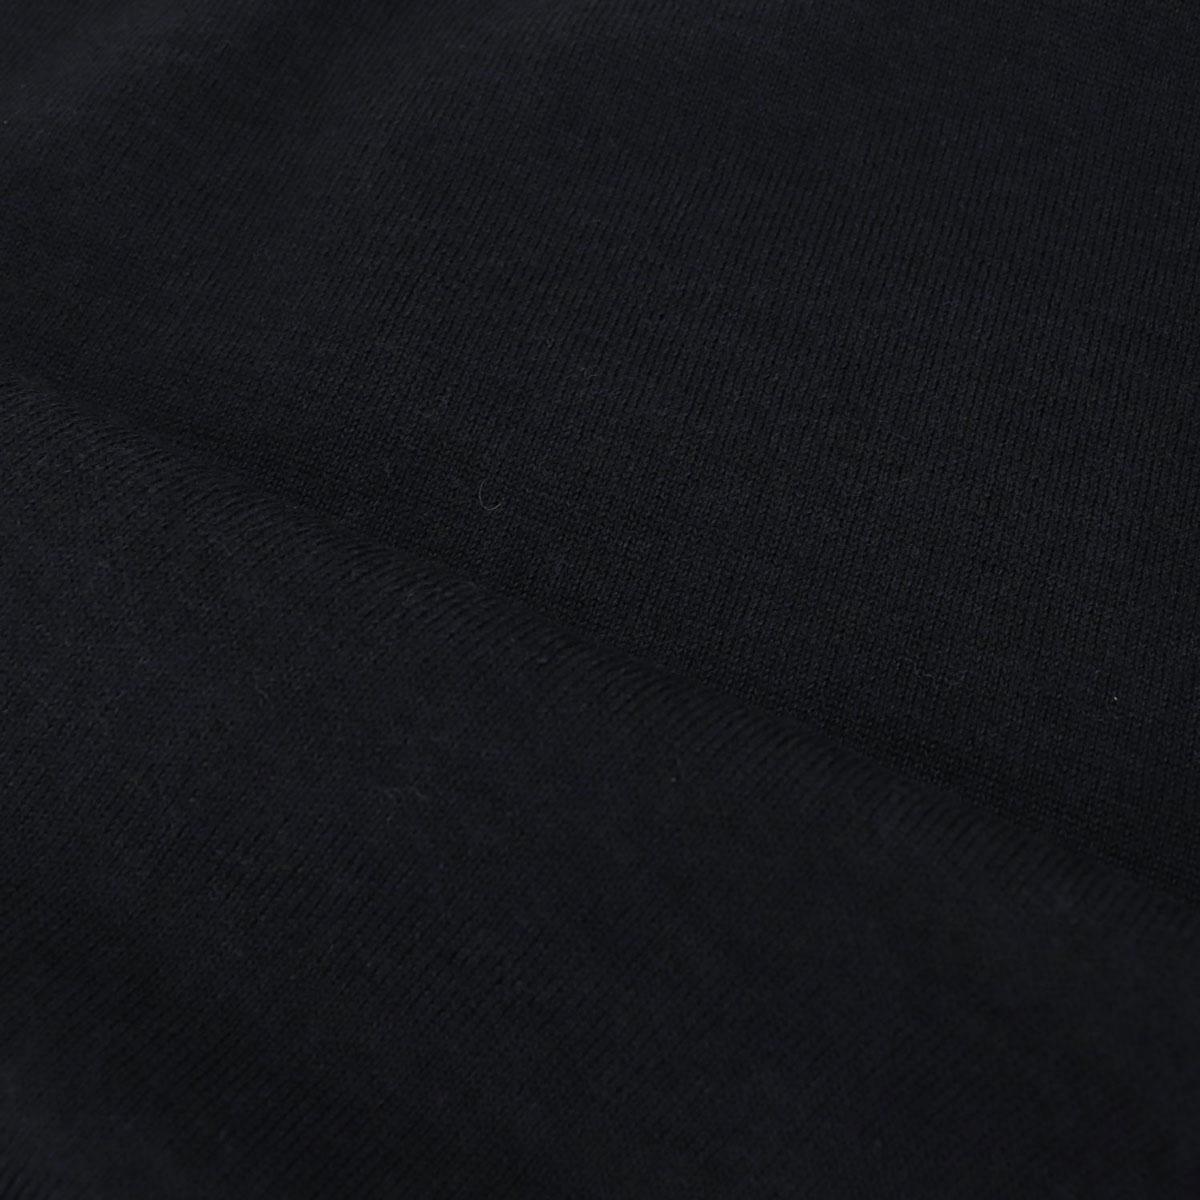 【クリアランスセール】クルチアーニ CRUCIANI メンズ エクストラファイン メリノウール ハイゲージ クルーネックニット セーター M49G/1064 JU2500(ネイビー)【返品交換不可】